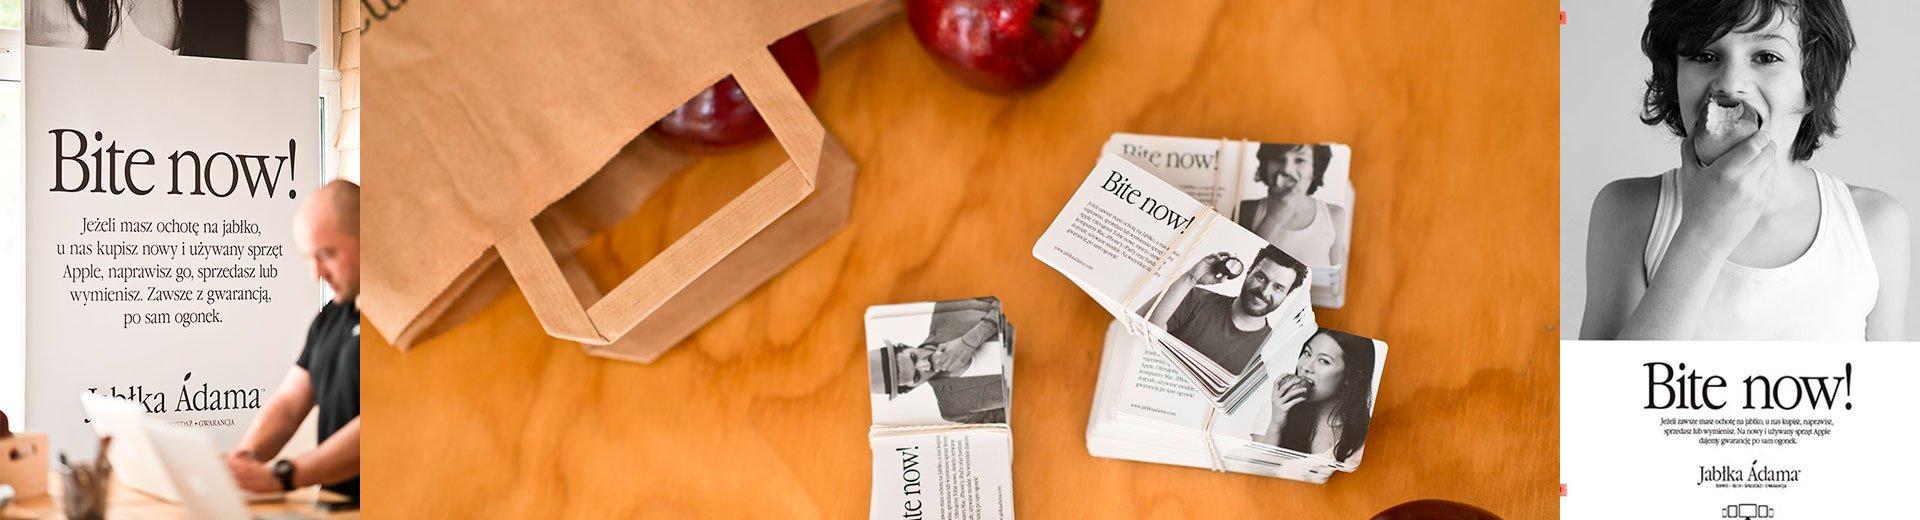 """Okładka artykułu """"Przejrzeliśmy naprawdę dużo zdjęć jabłek w poszukiwaniu idealnego"""" — Rozmowa z agencją MINIMA"""